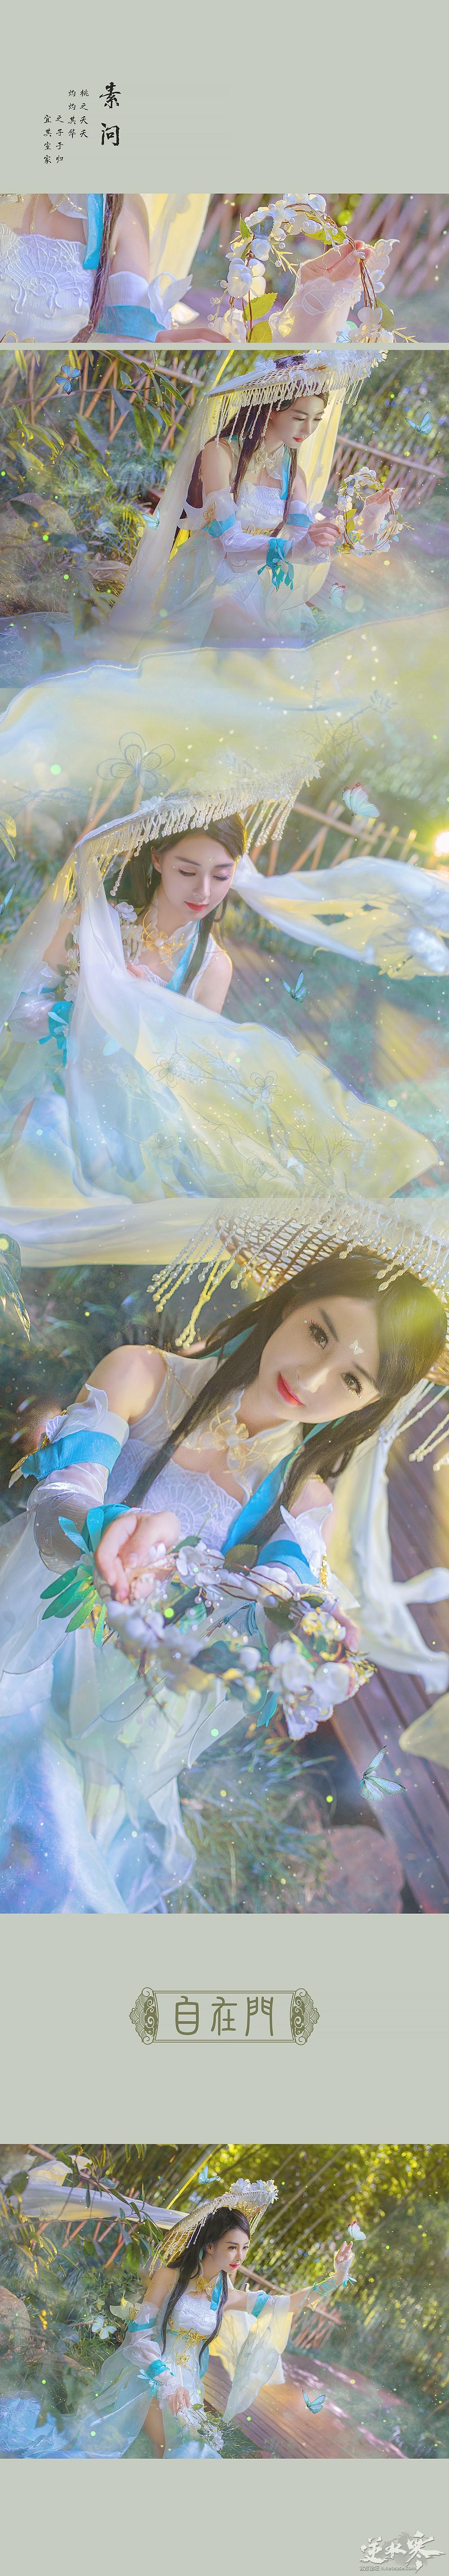 【自在门·cosplay】【瑶音】素问·晚竹蝶影  祝大家中秋节快乐!!!